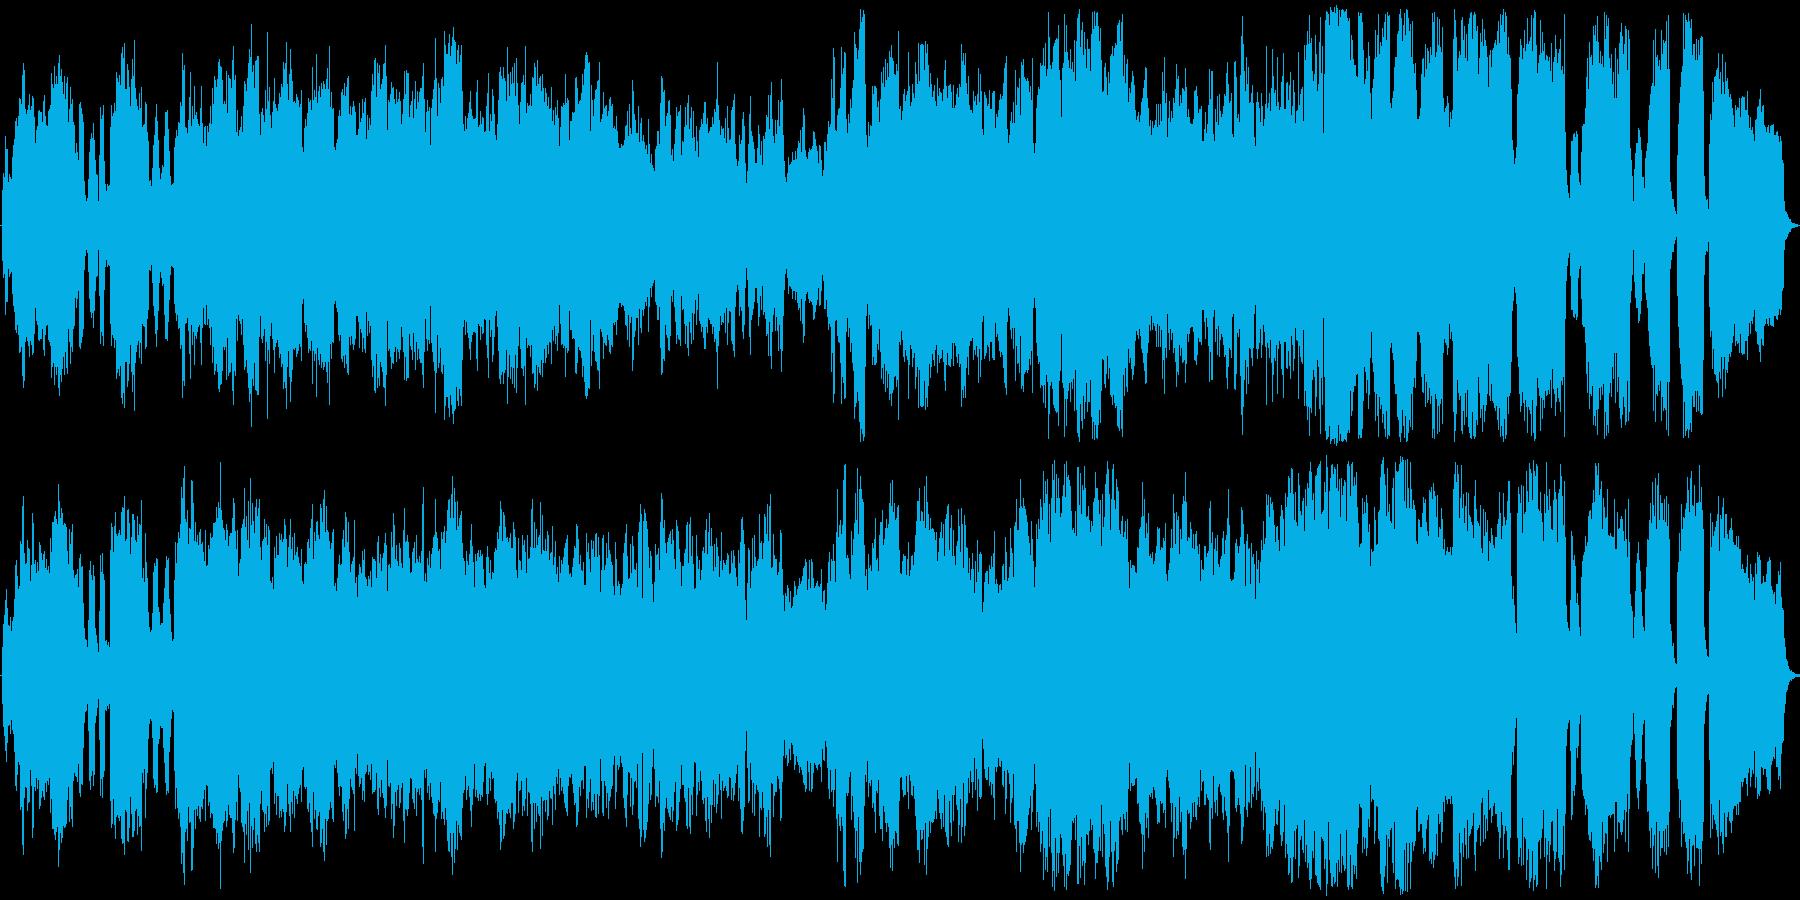 ドラマチックな映画音楽向きの弦楽作品の再生済みの波形